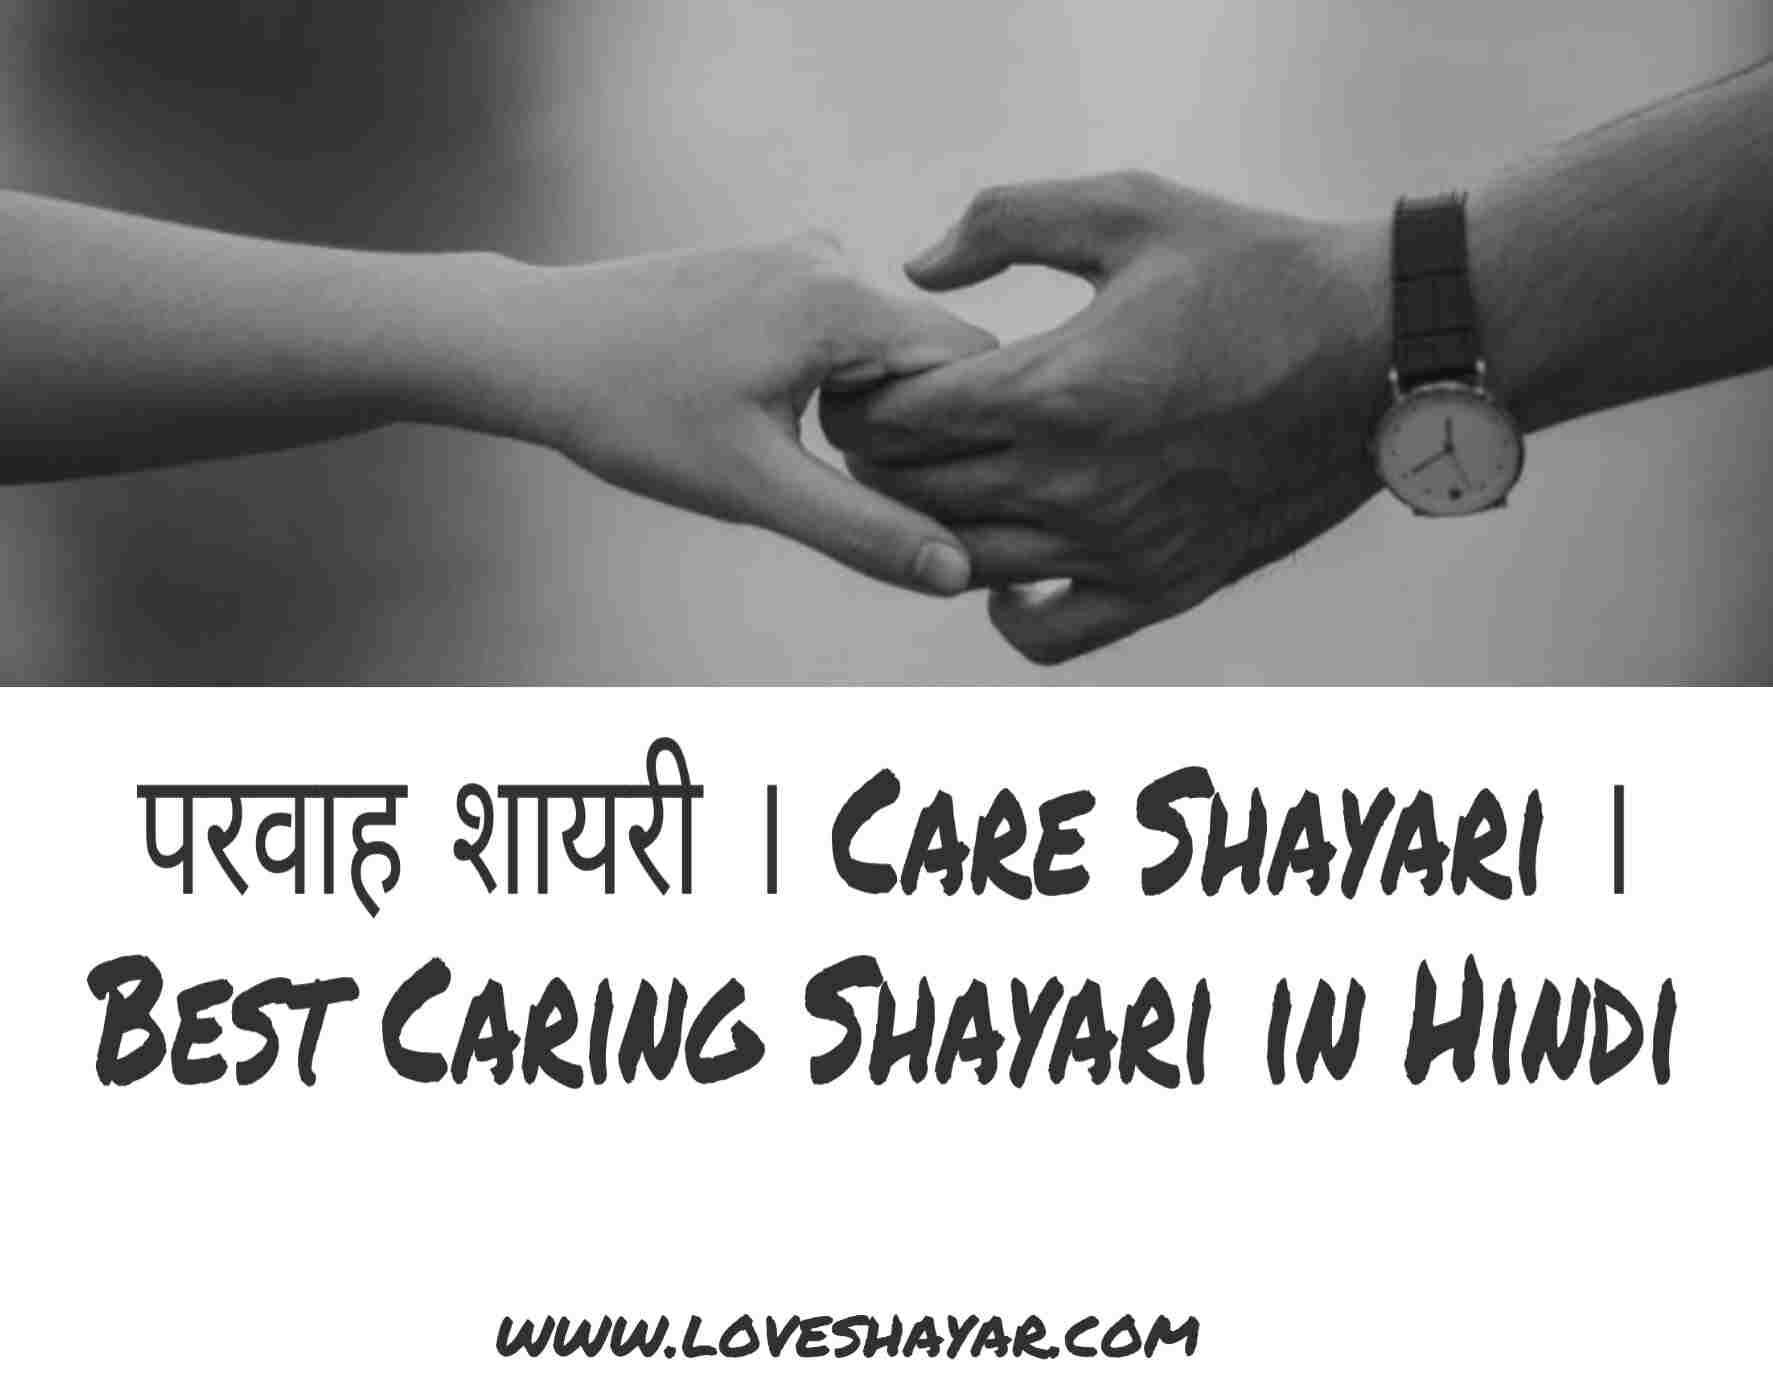 Best Caring Shayari in Hindi